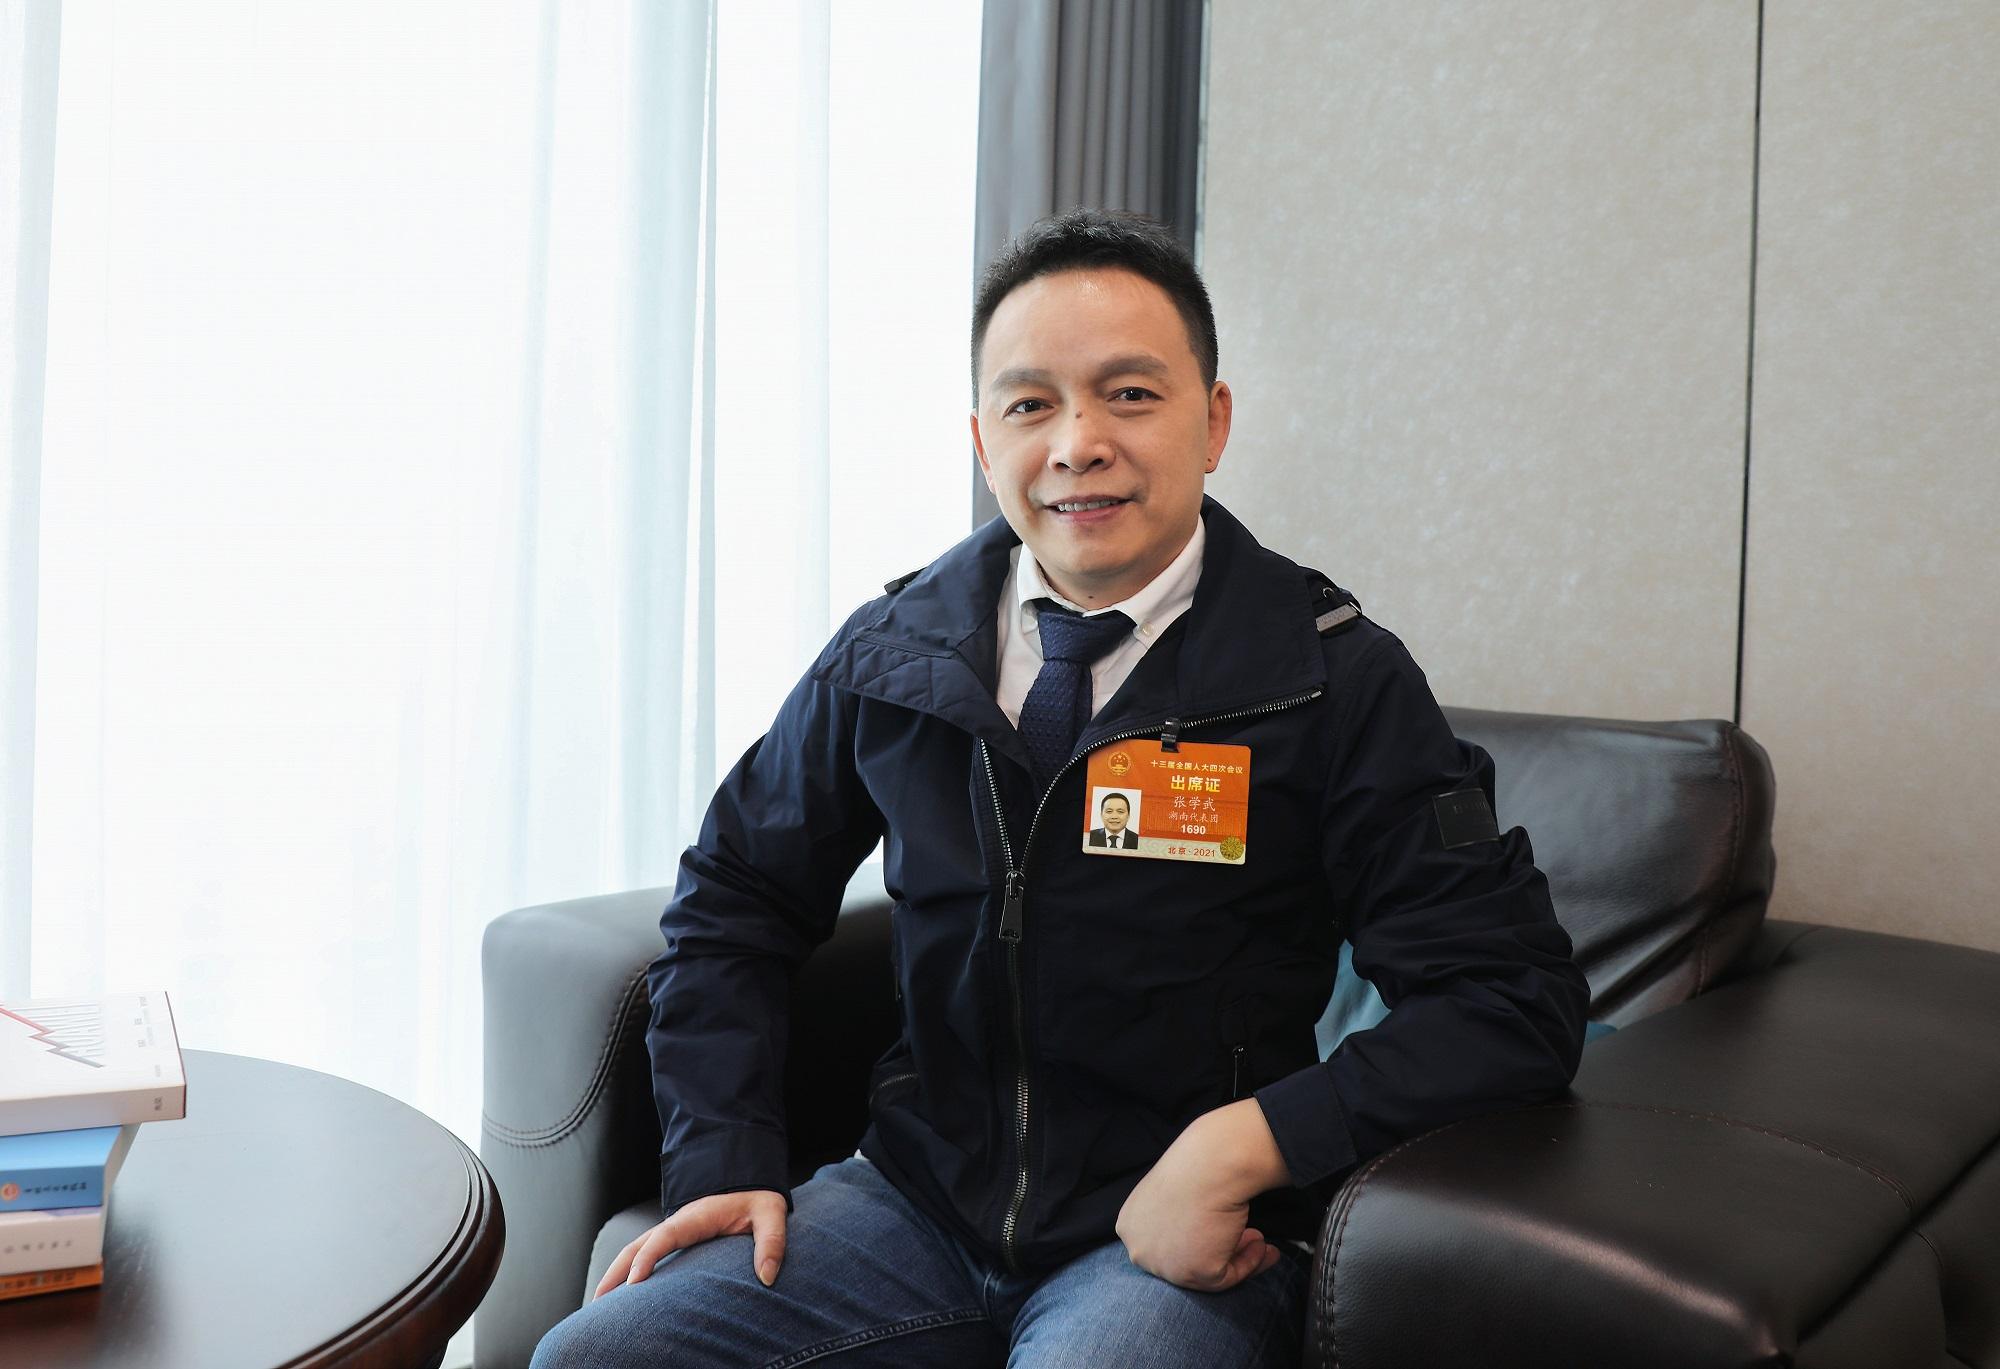 天下人大代表、盐津铺子食物股份有限公司董事长、湖南省工商联副主席张学武(资料图)